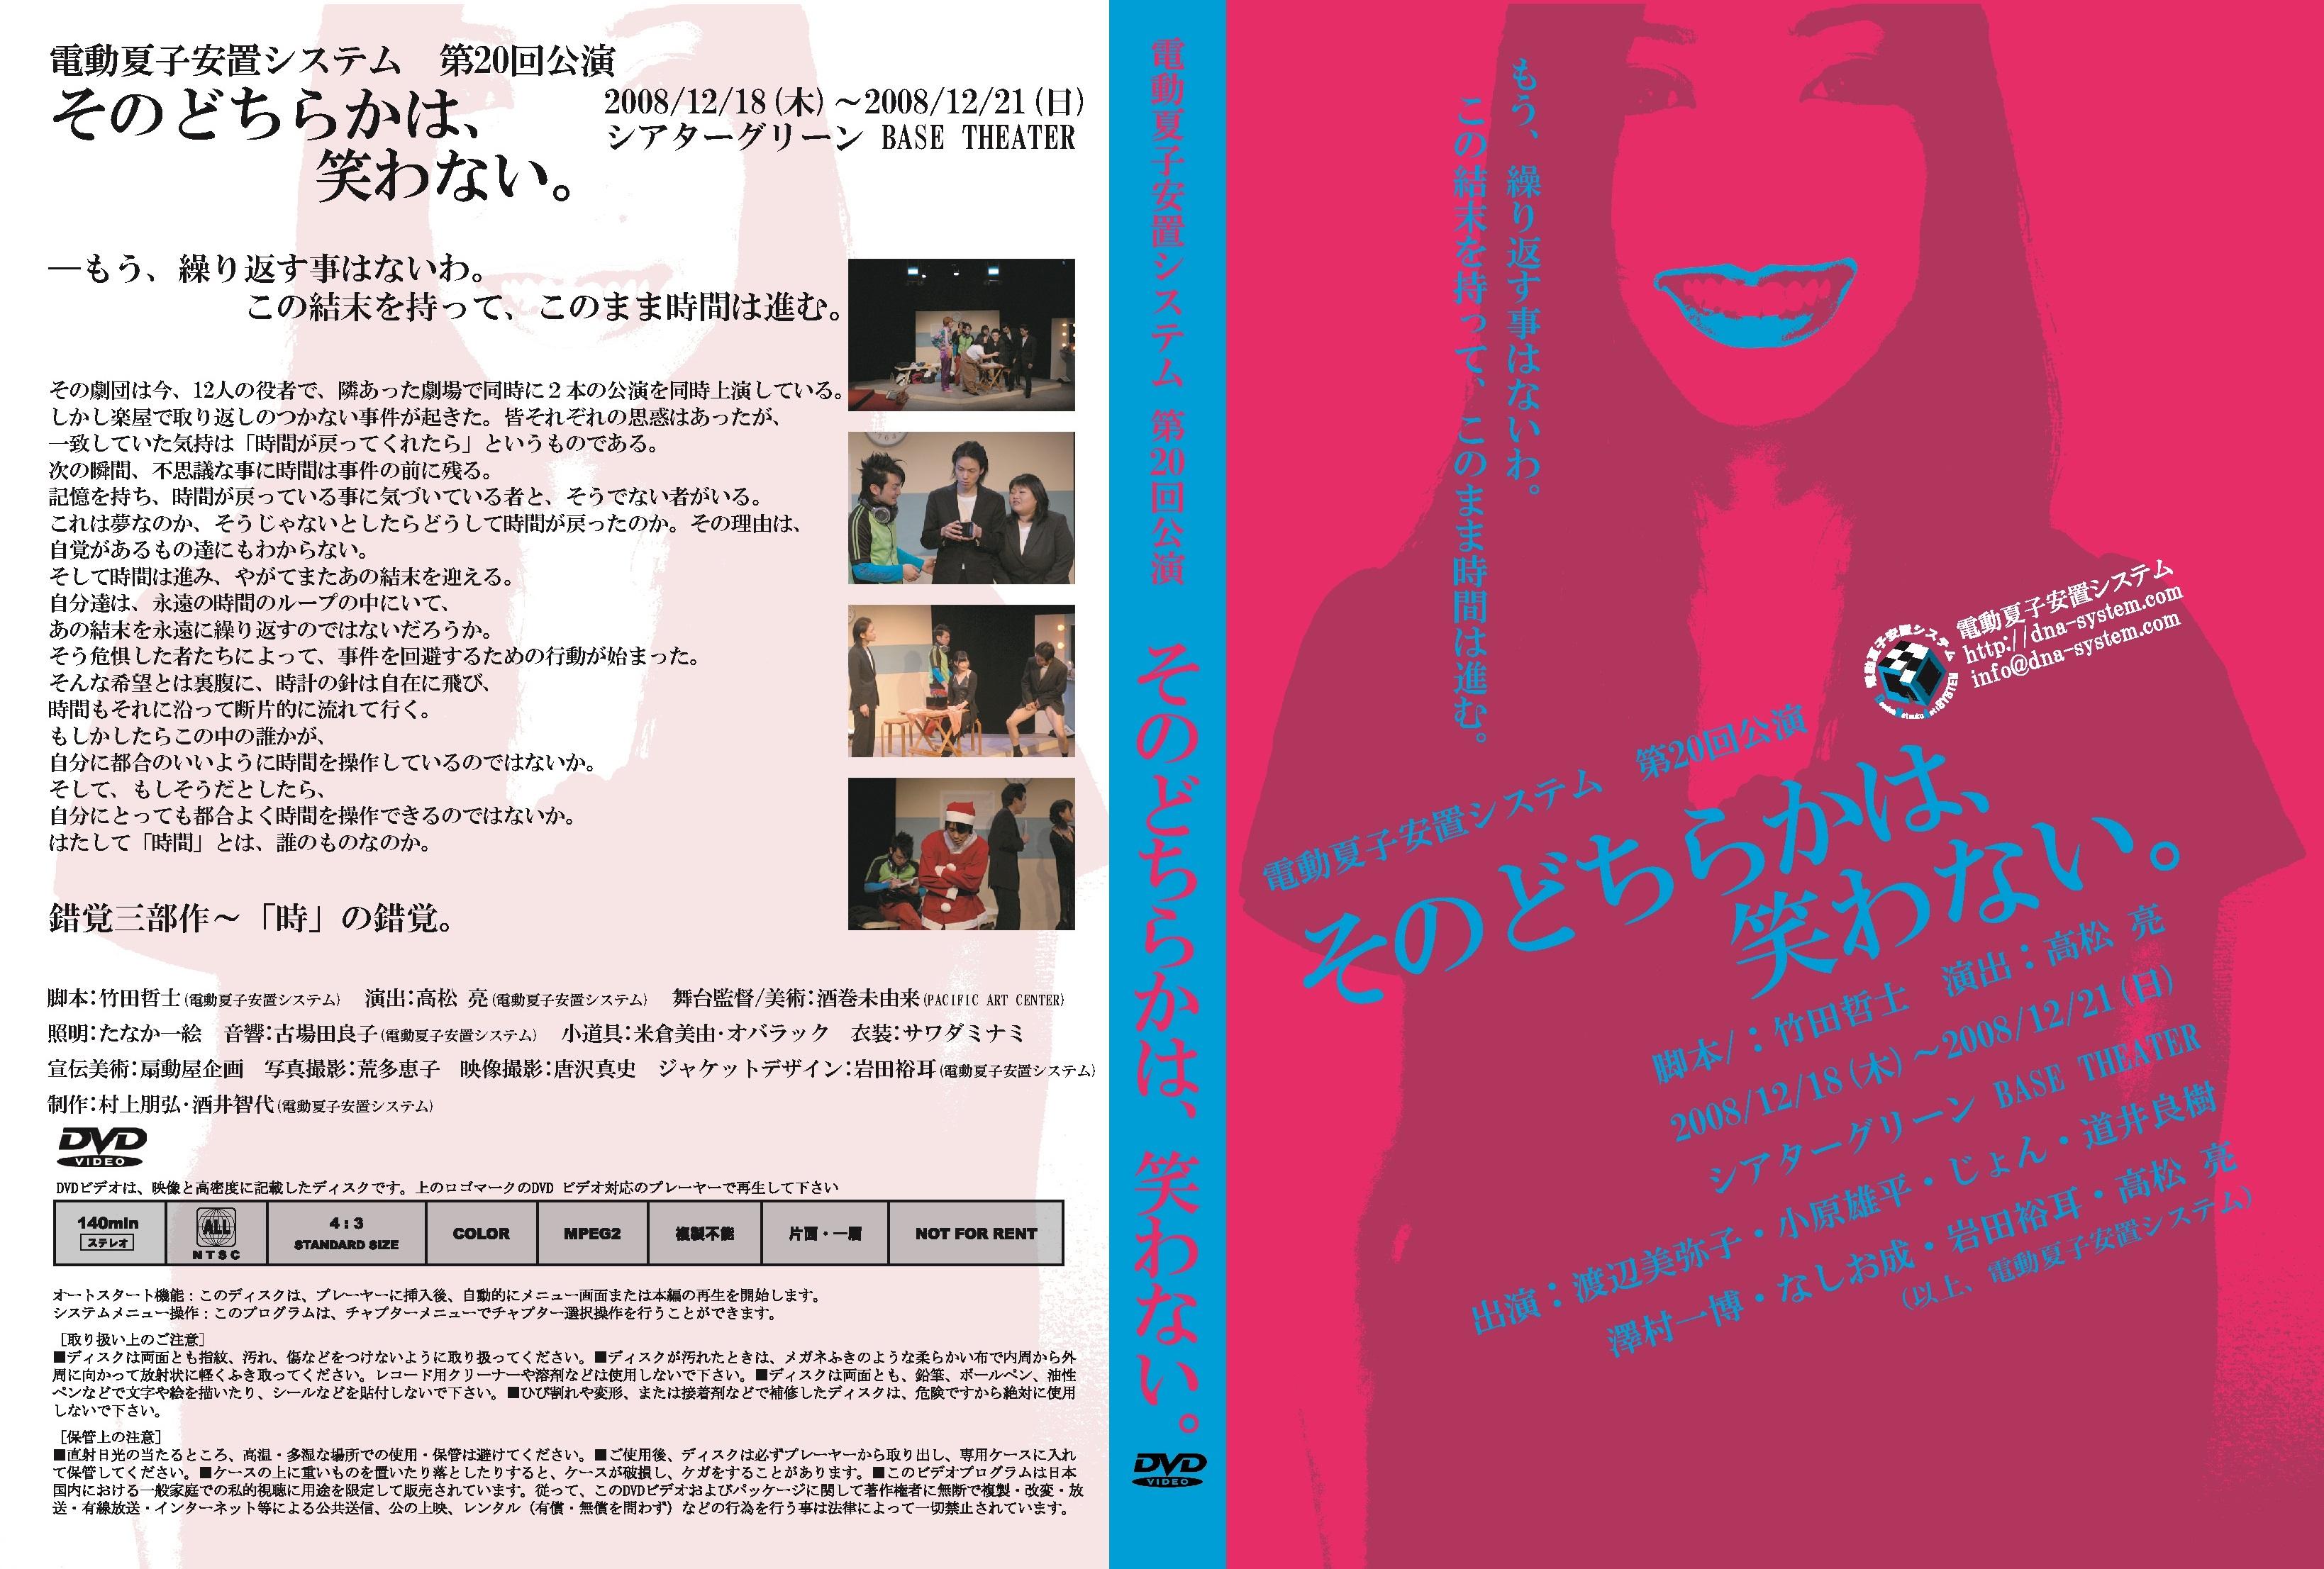 DVD 第20回公演『そのどちらかは、笑わない。』